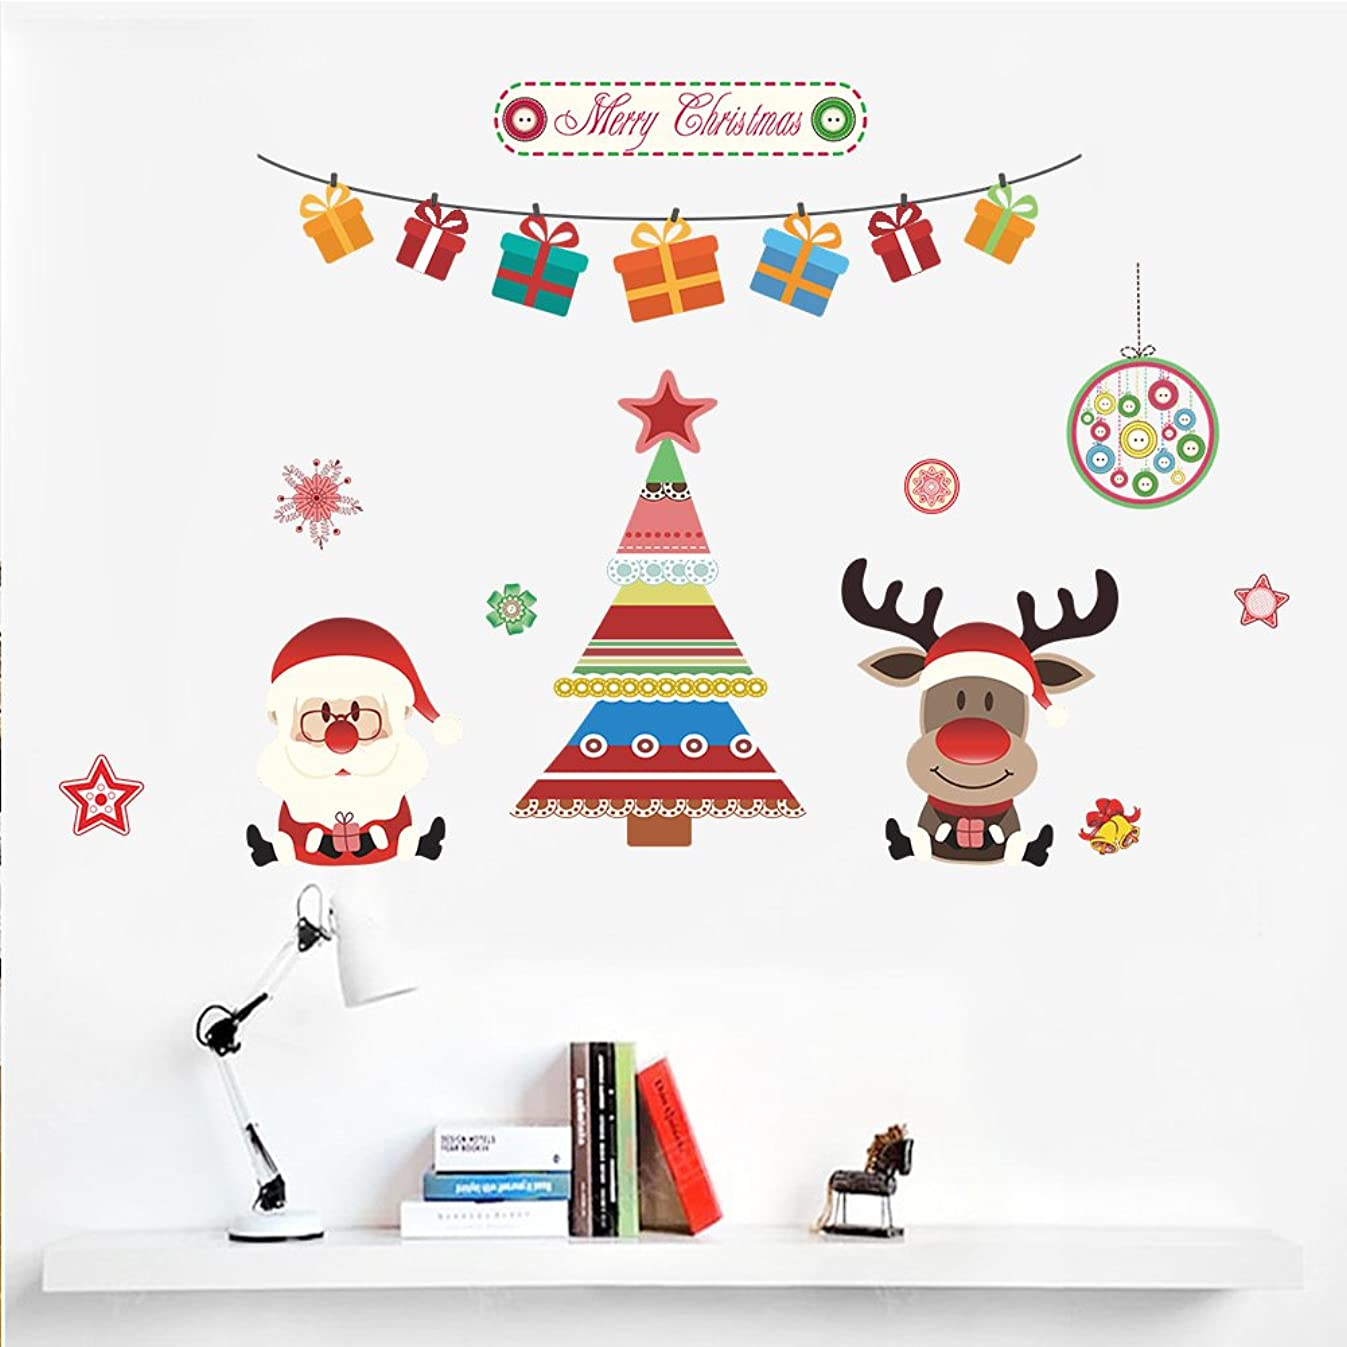 ハウジングご注意封筒Dragon Honor ウォールステッカー クリスマス 装飾 可愛い サンタクロース ヘラジカ 綺麗 クリスマスツリー クリスマス·デコレーション 幼稚園/子供部屋/ベビールームに対応 インテリア 壁紙 シール はがせる おしゃれ 生活防水